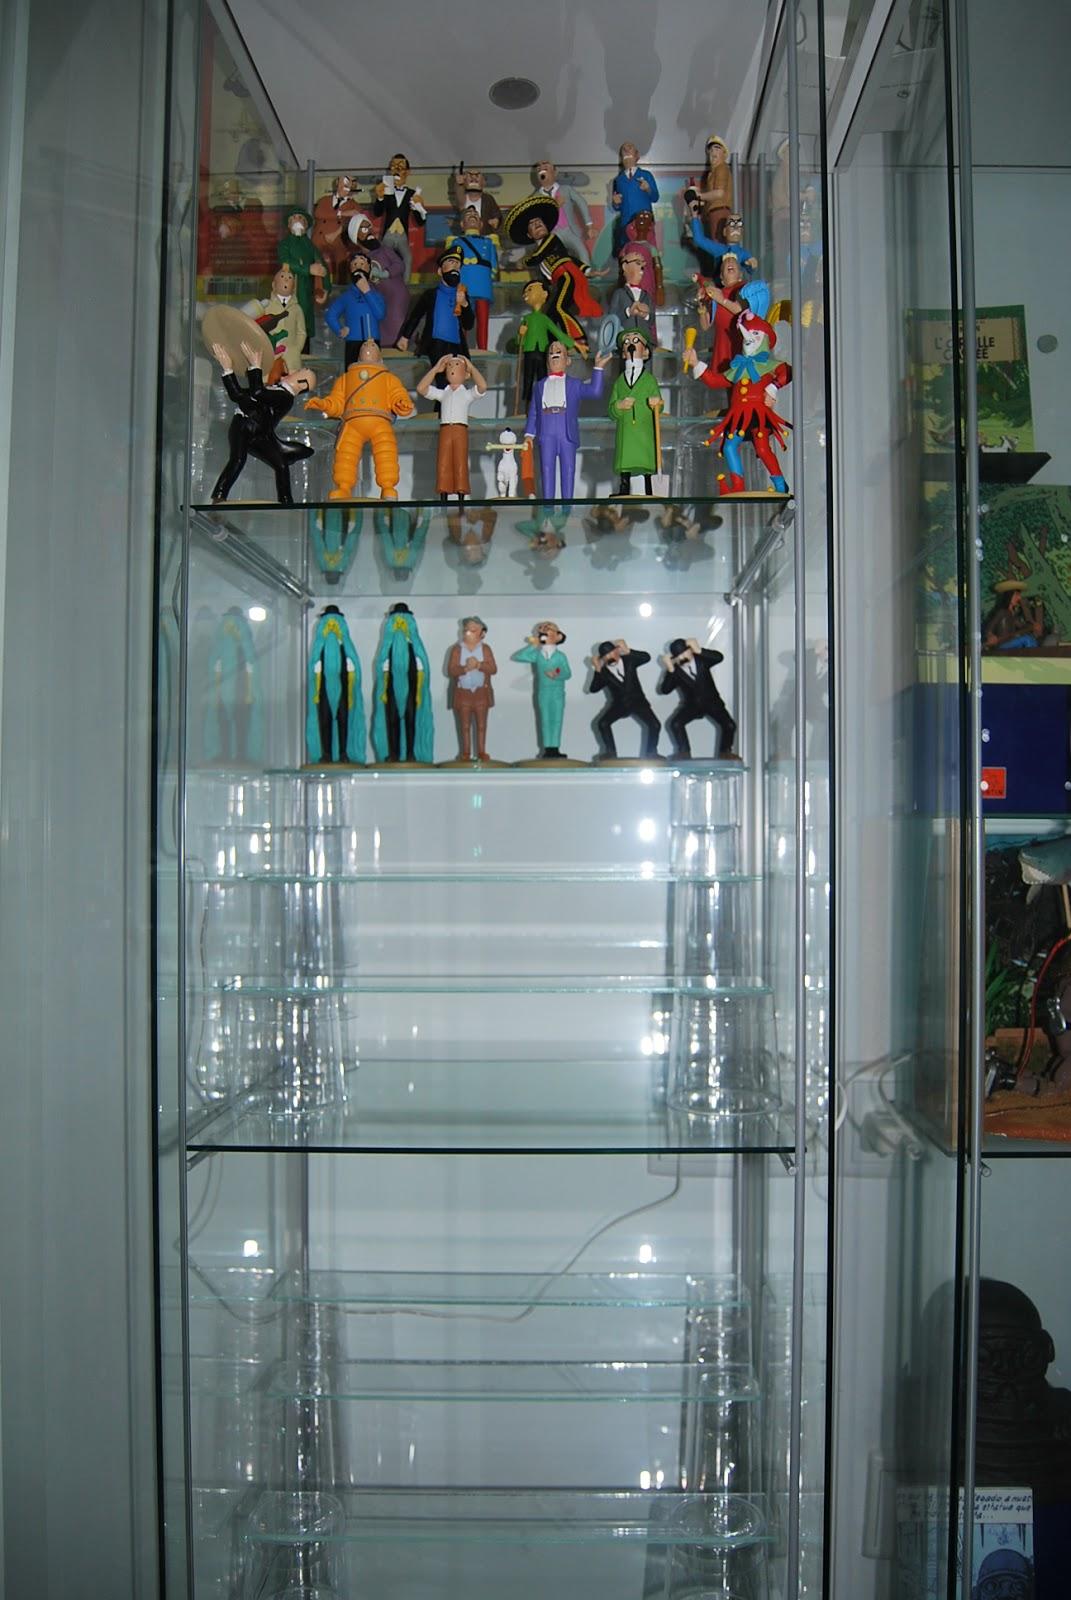 Tintin la aventura de coleccionar colecci n de figuras - Baldas de cristal ...